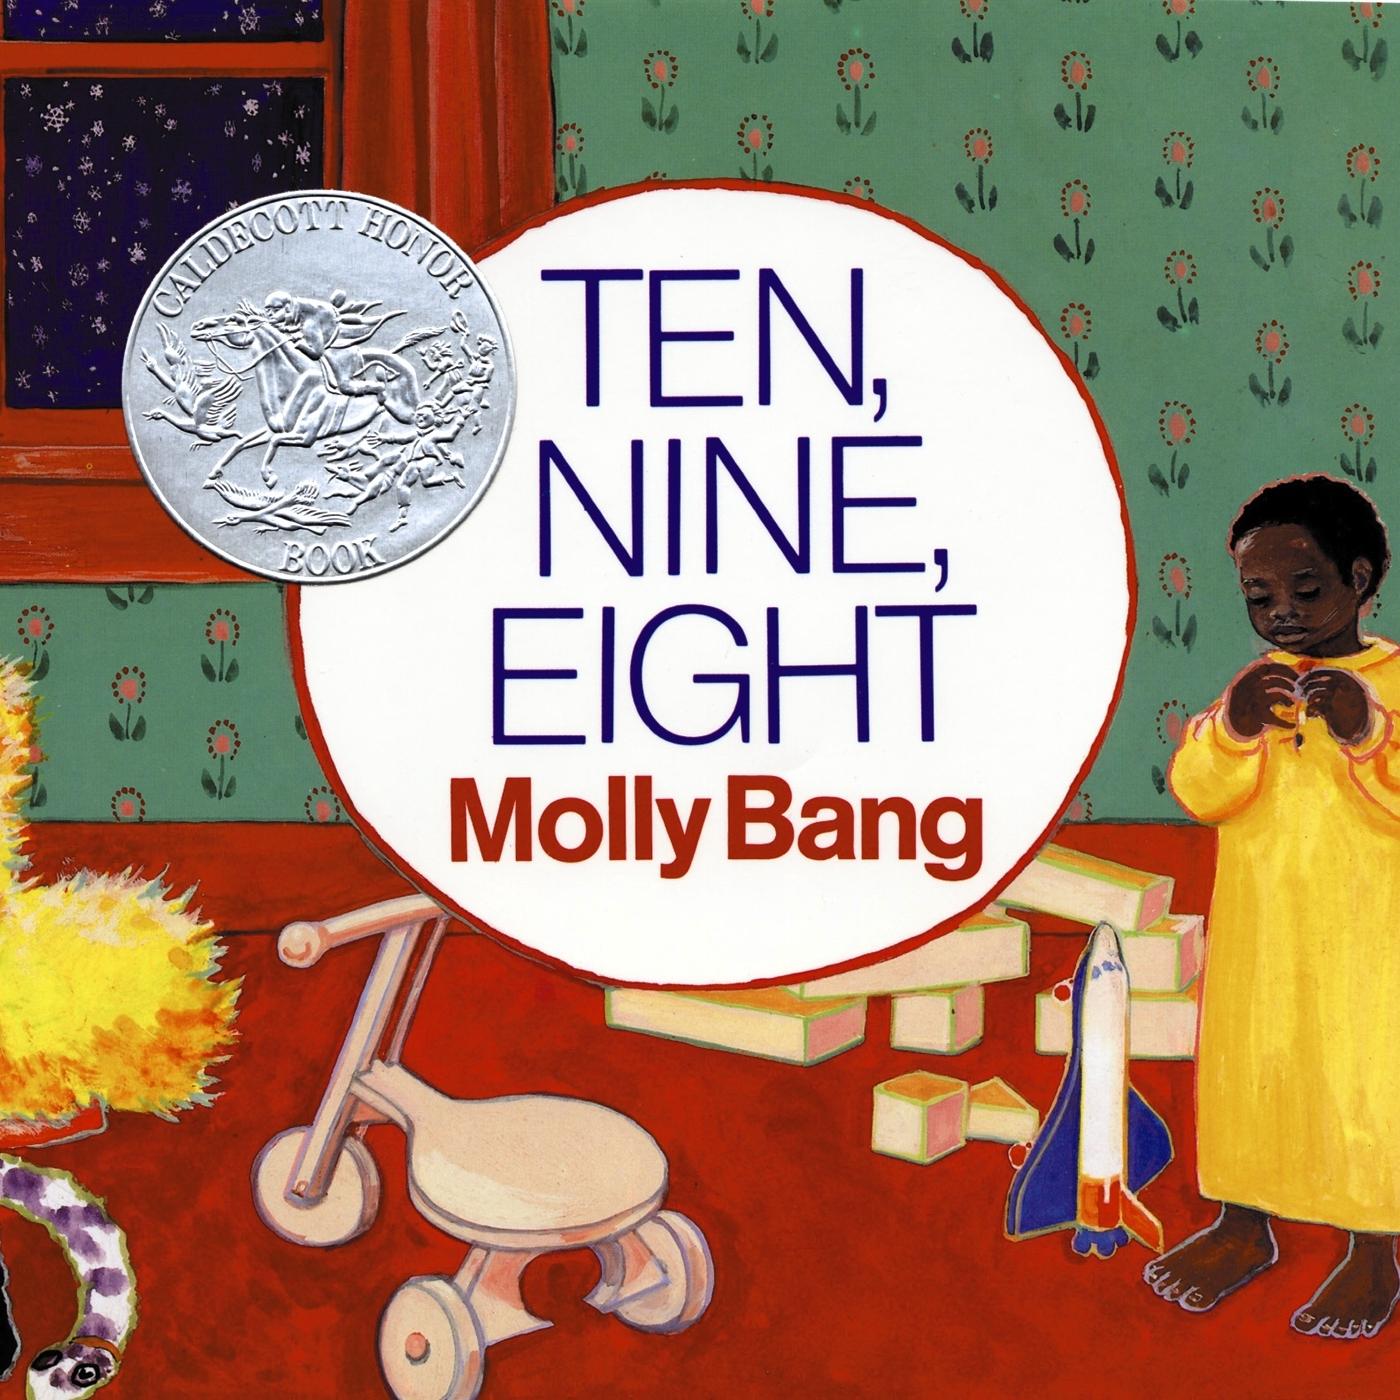 Molly Bang